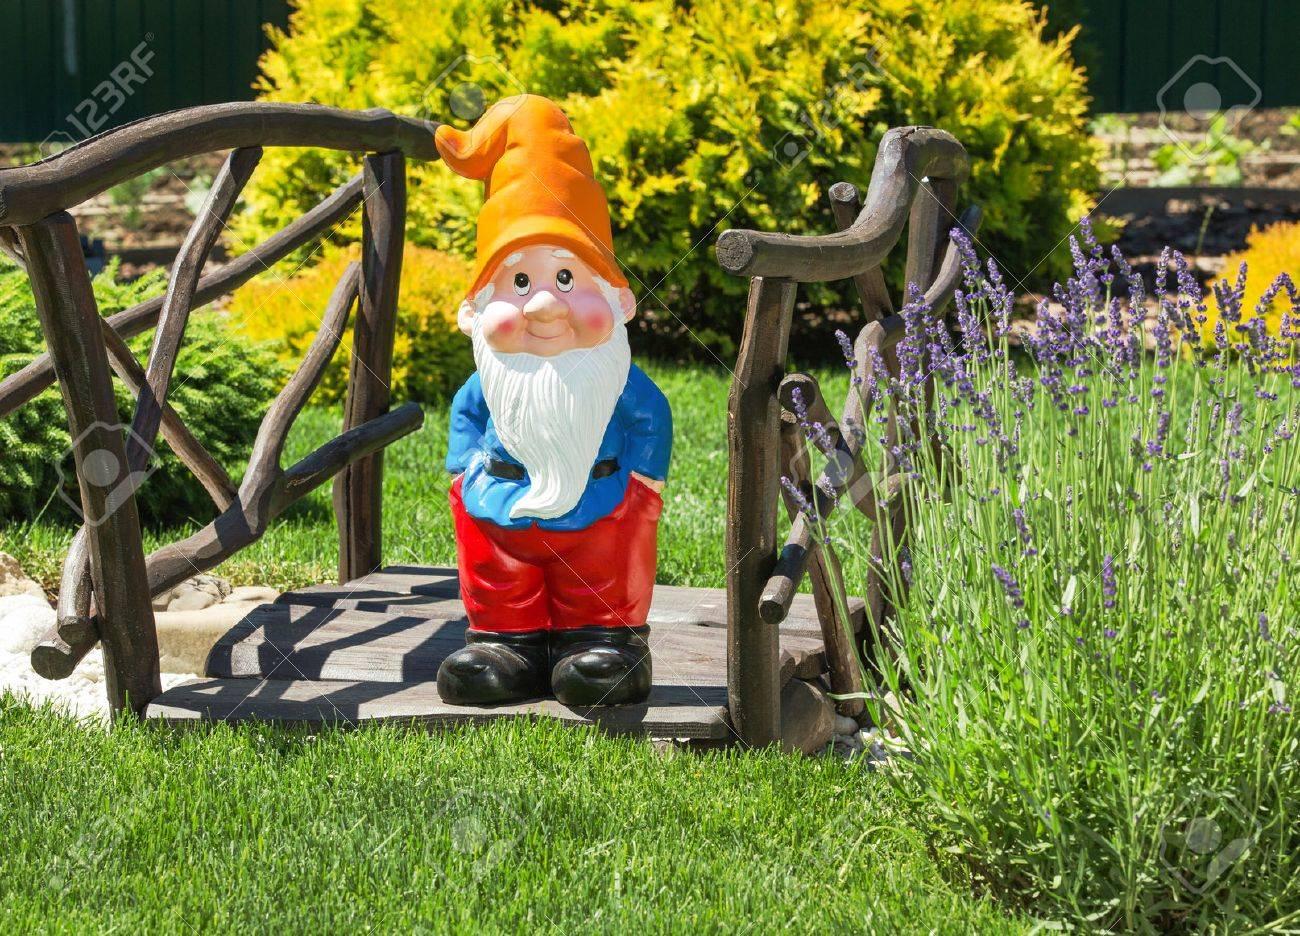 Wooden Decorative Bridge With Garden Dwarf In Home Garden. Stock ...